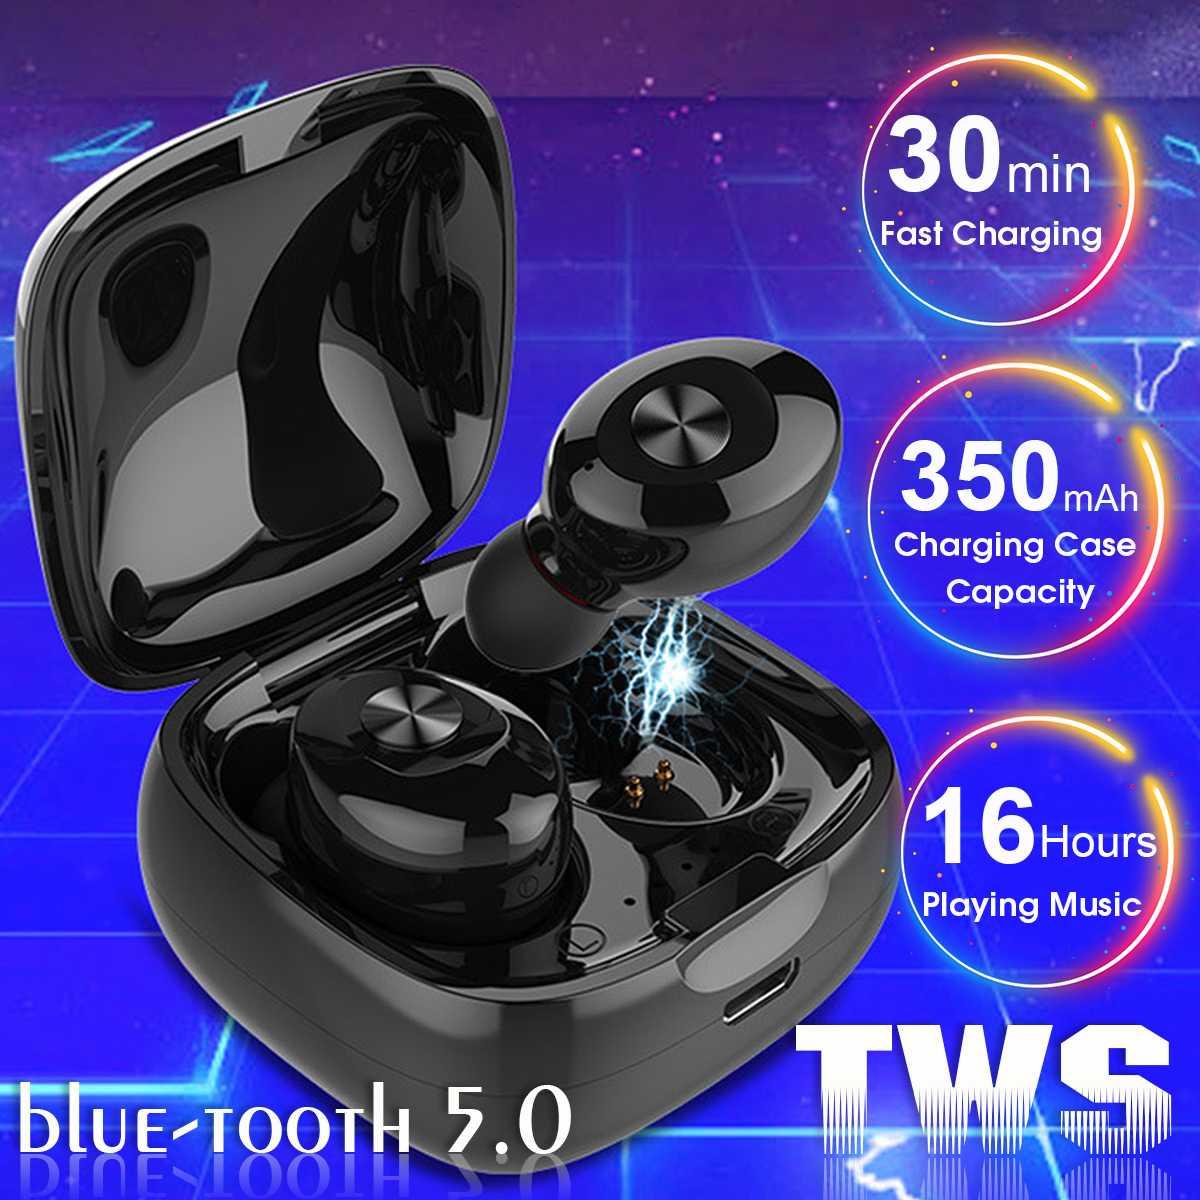 TWS bluetooth 5,0 наушники XG12 беспроводной наушник стерео HIFI Звук спортивные наушники Handsfree USB игровая гарнитура с микрофоном